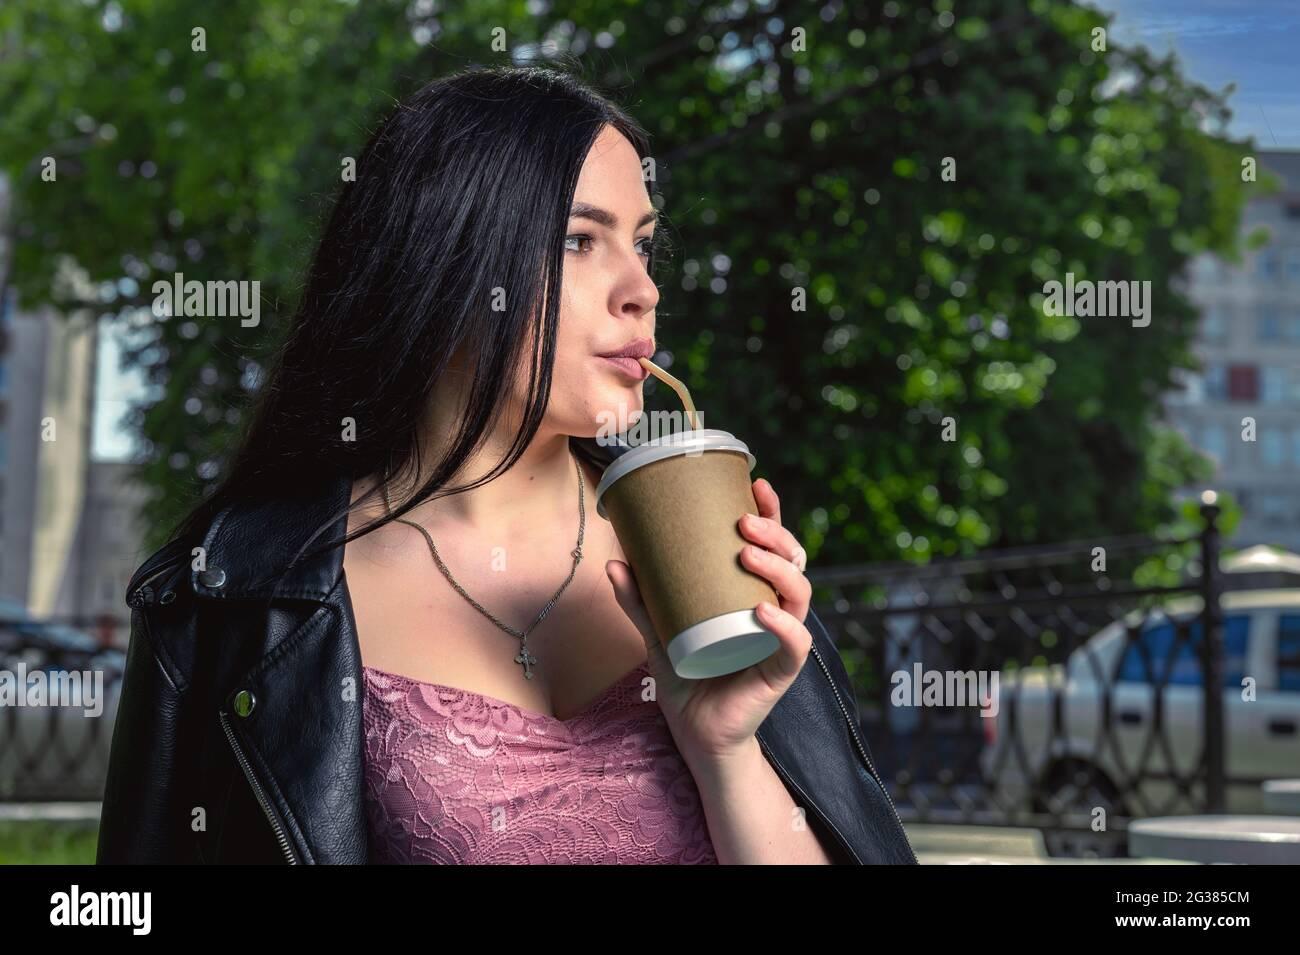 Une jeune femme qui boit du café dans la rue. Femme dans la rue de la ville buvant une boisson chaude. Image d'une jeune femme attrayante qui boit du café à la t Banque D'Images